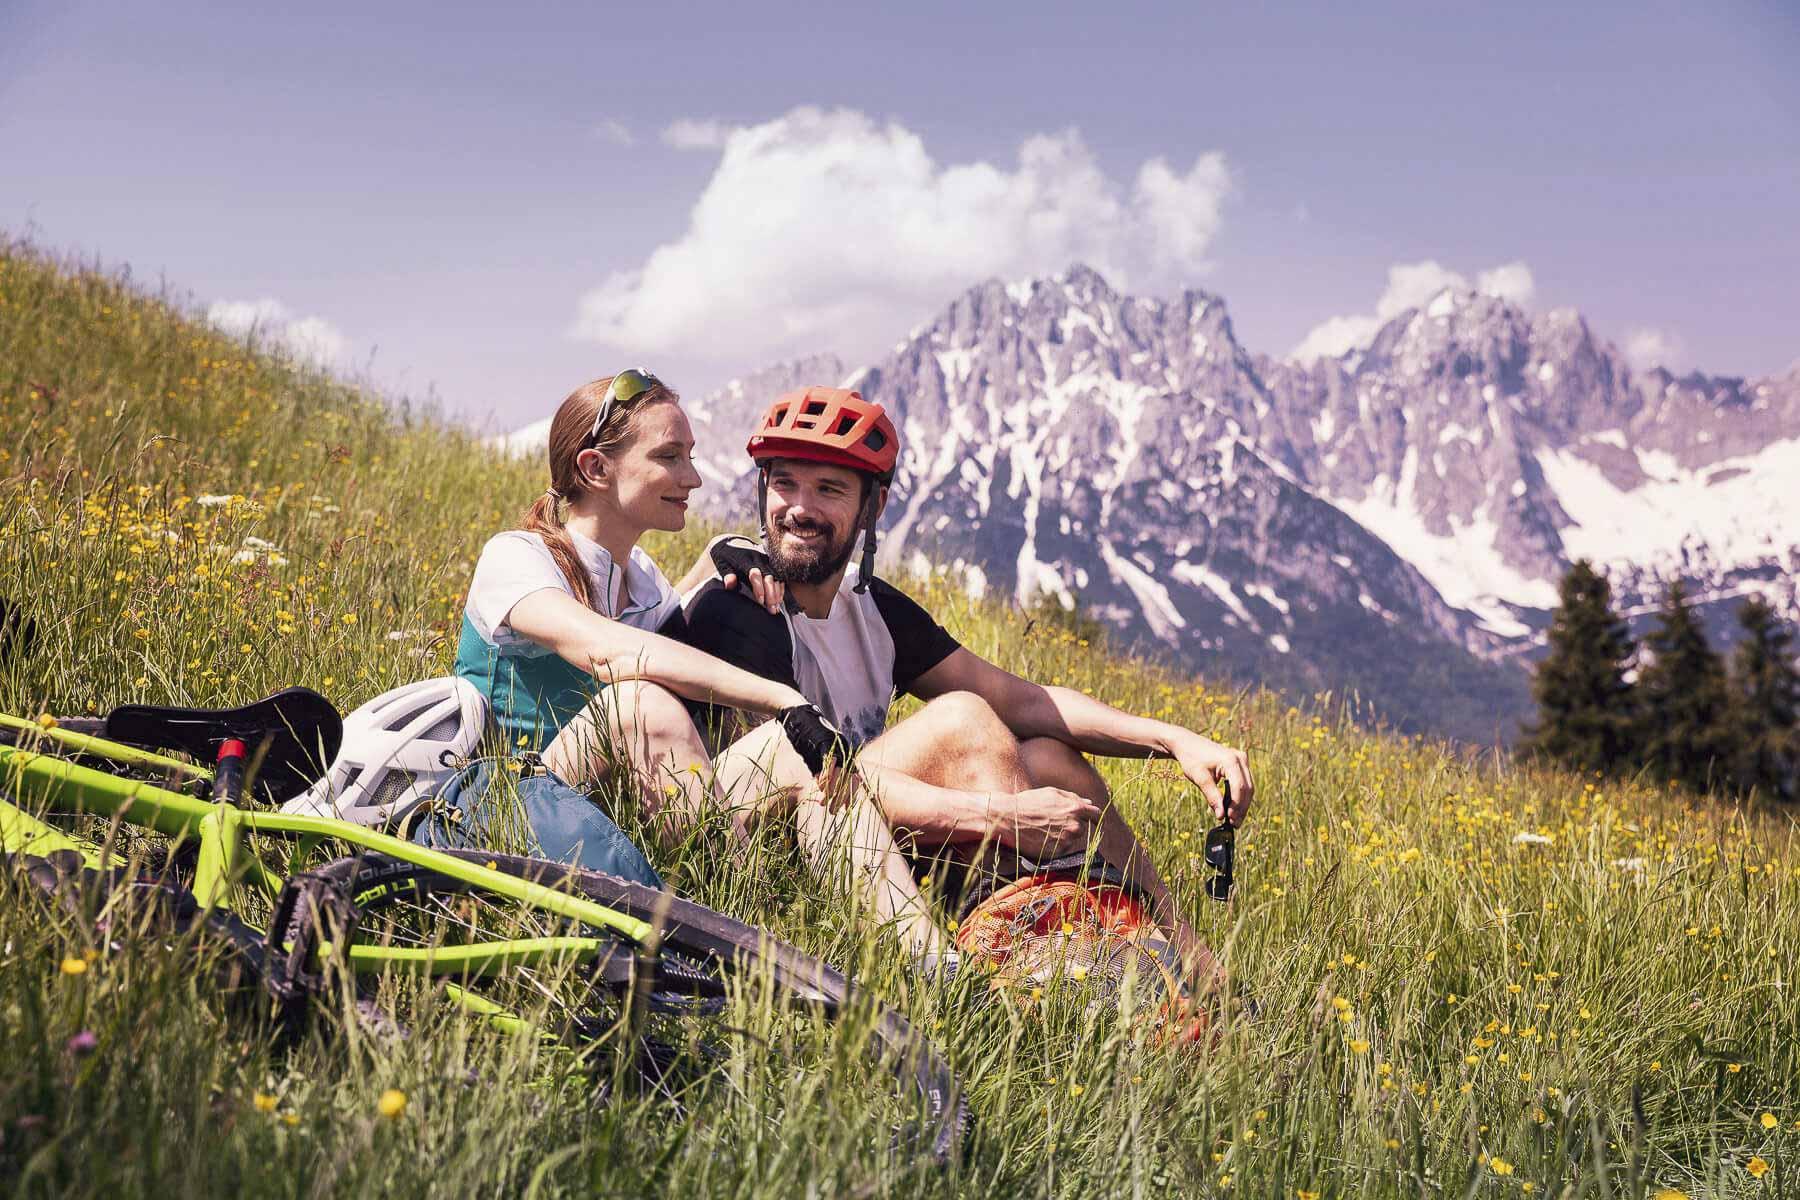 Ein Pärchen entspannt sich beim Mountain Biken in den Bergen. Tirol Lodge - Derek Henthorn - Fotograf München